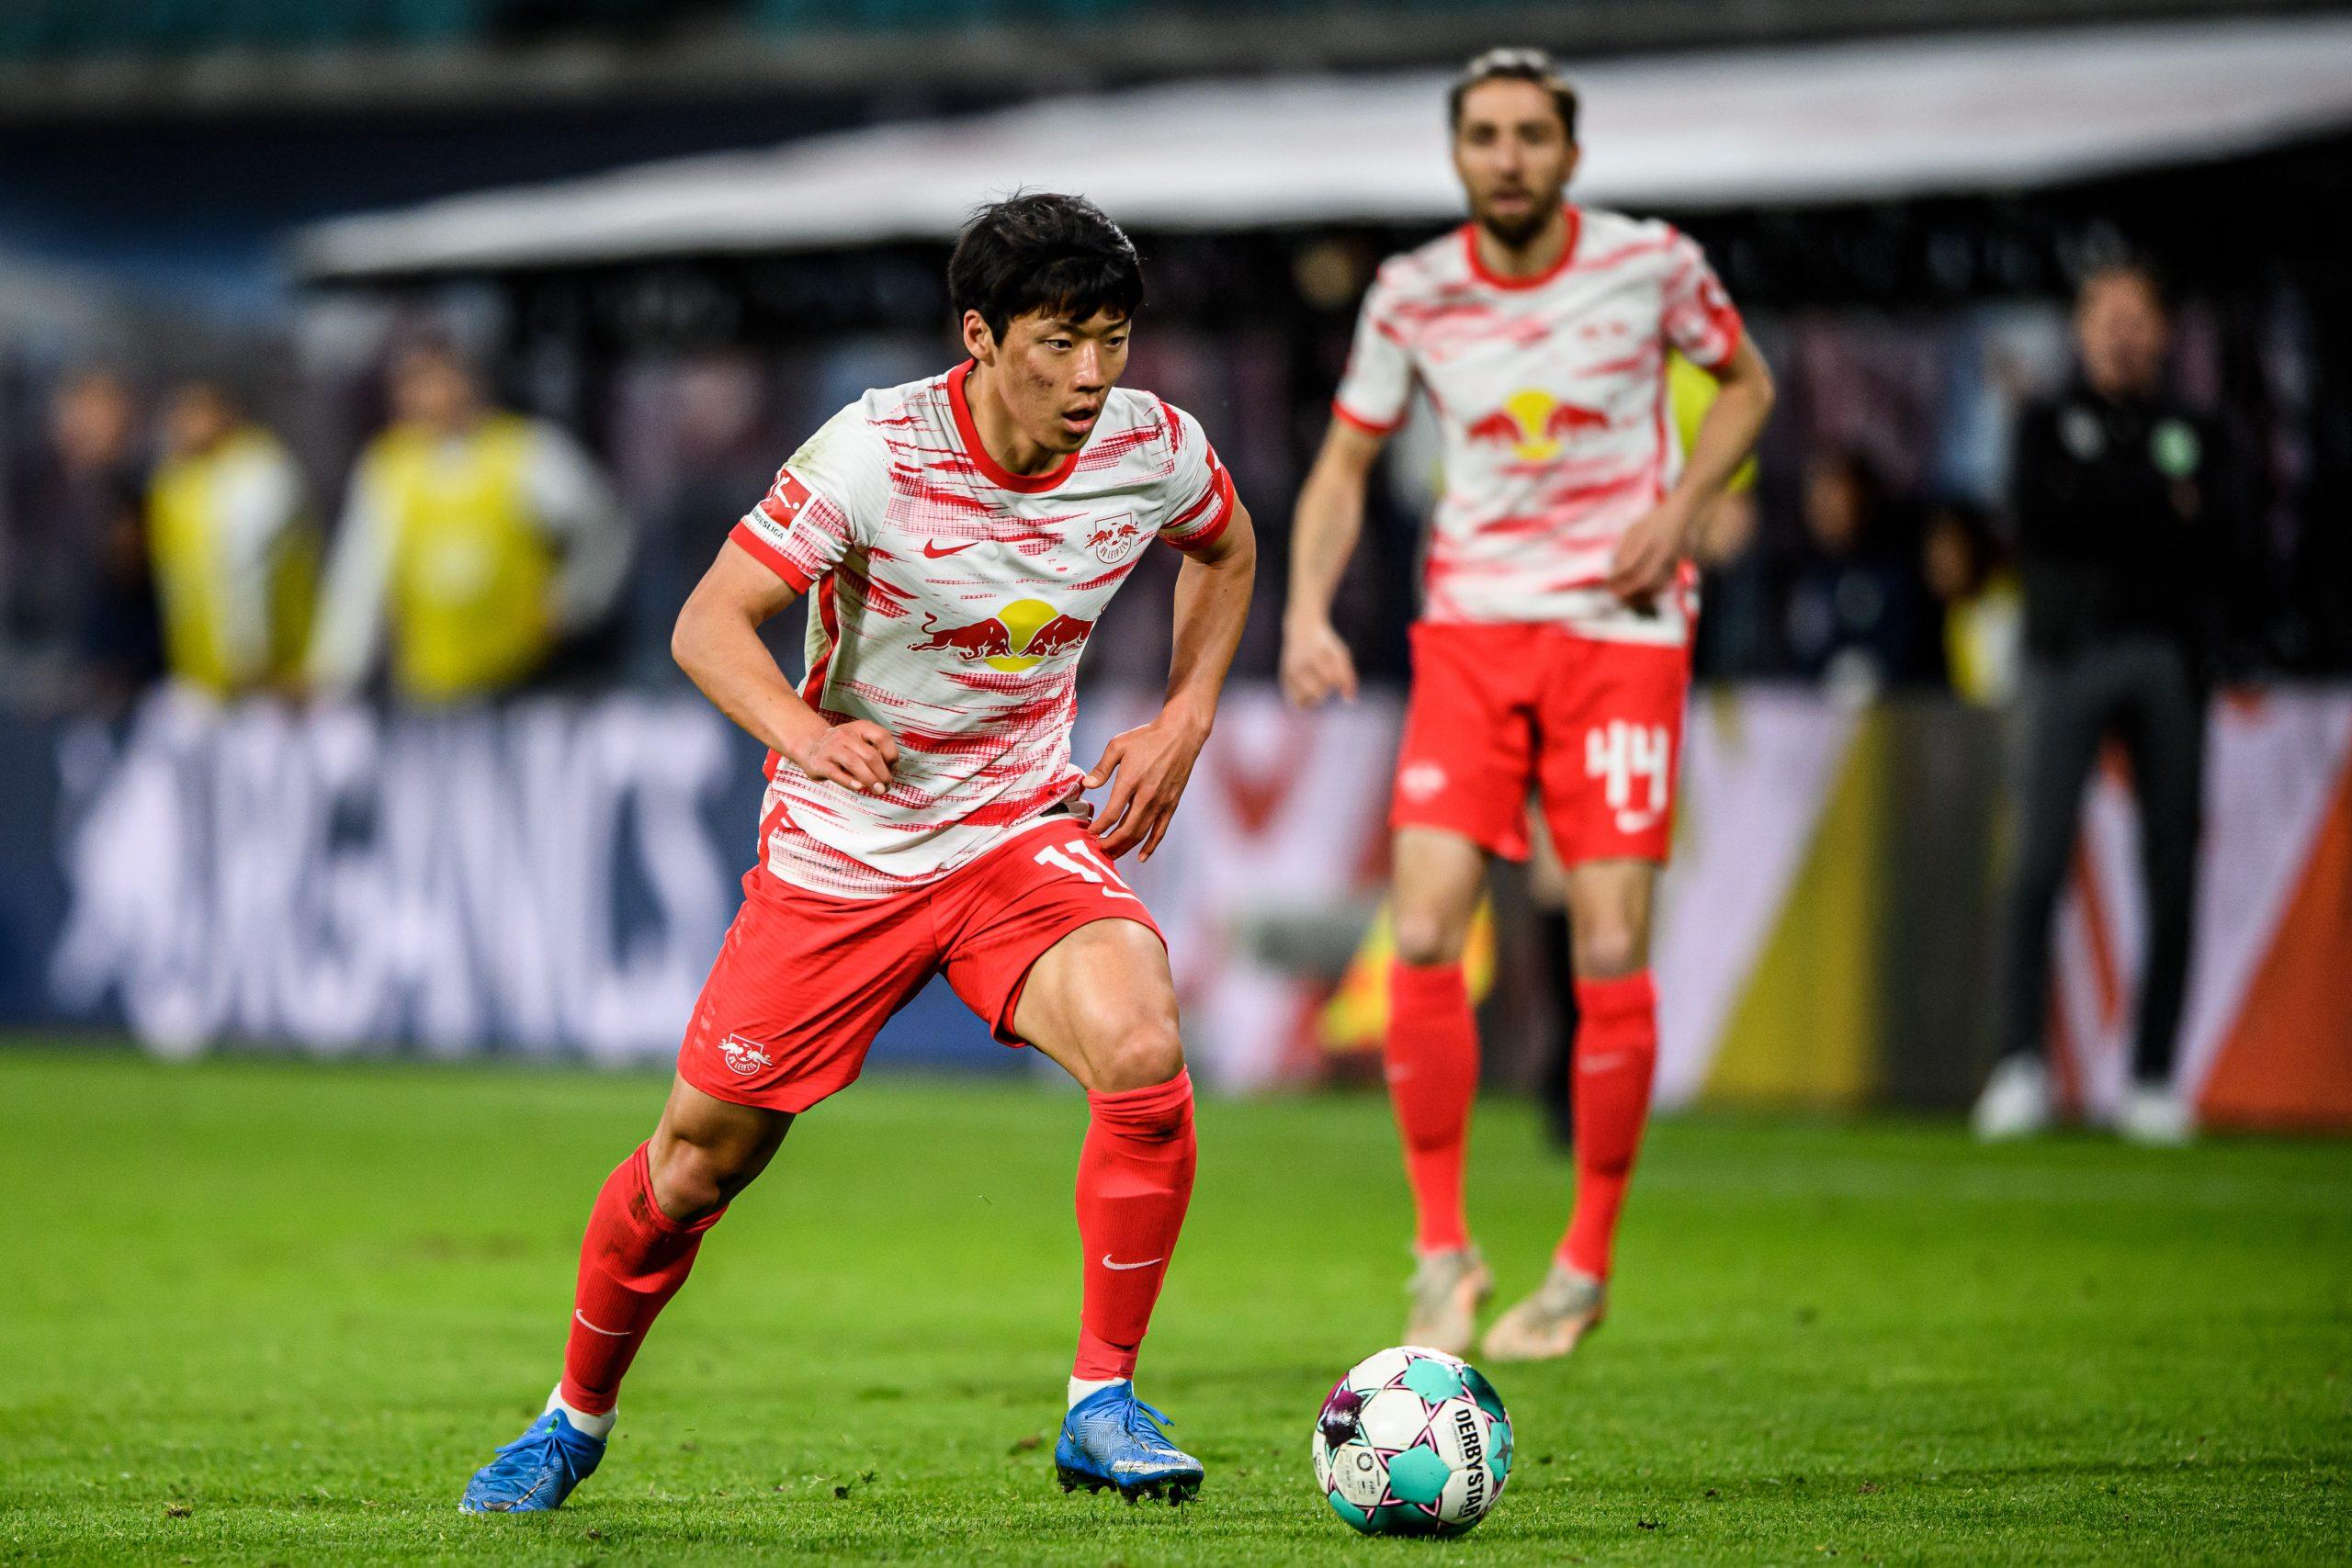 CJ E&M and Bundesliga agree broadcast deal - Bundesliga International